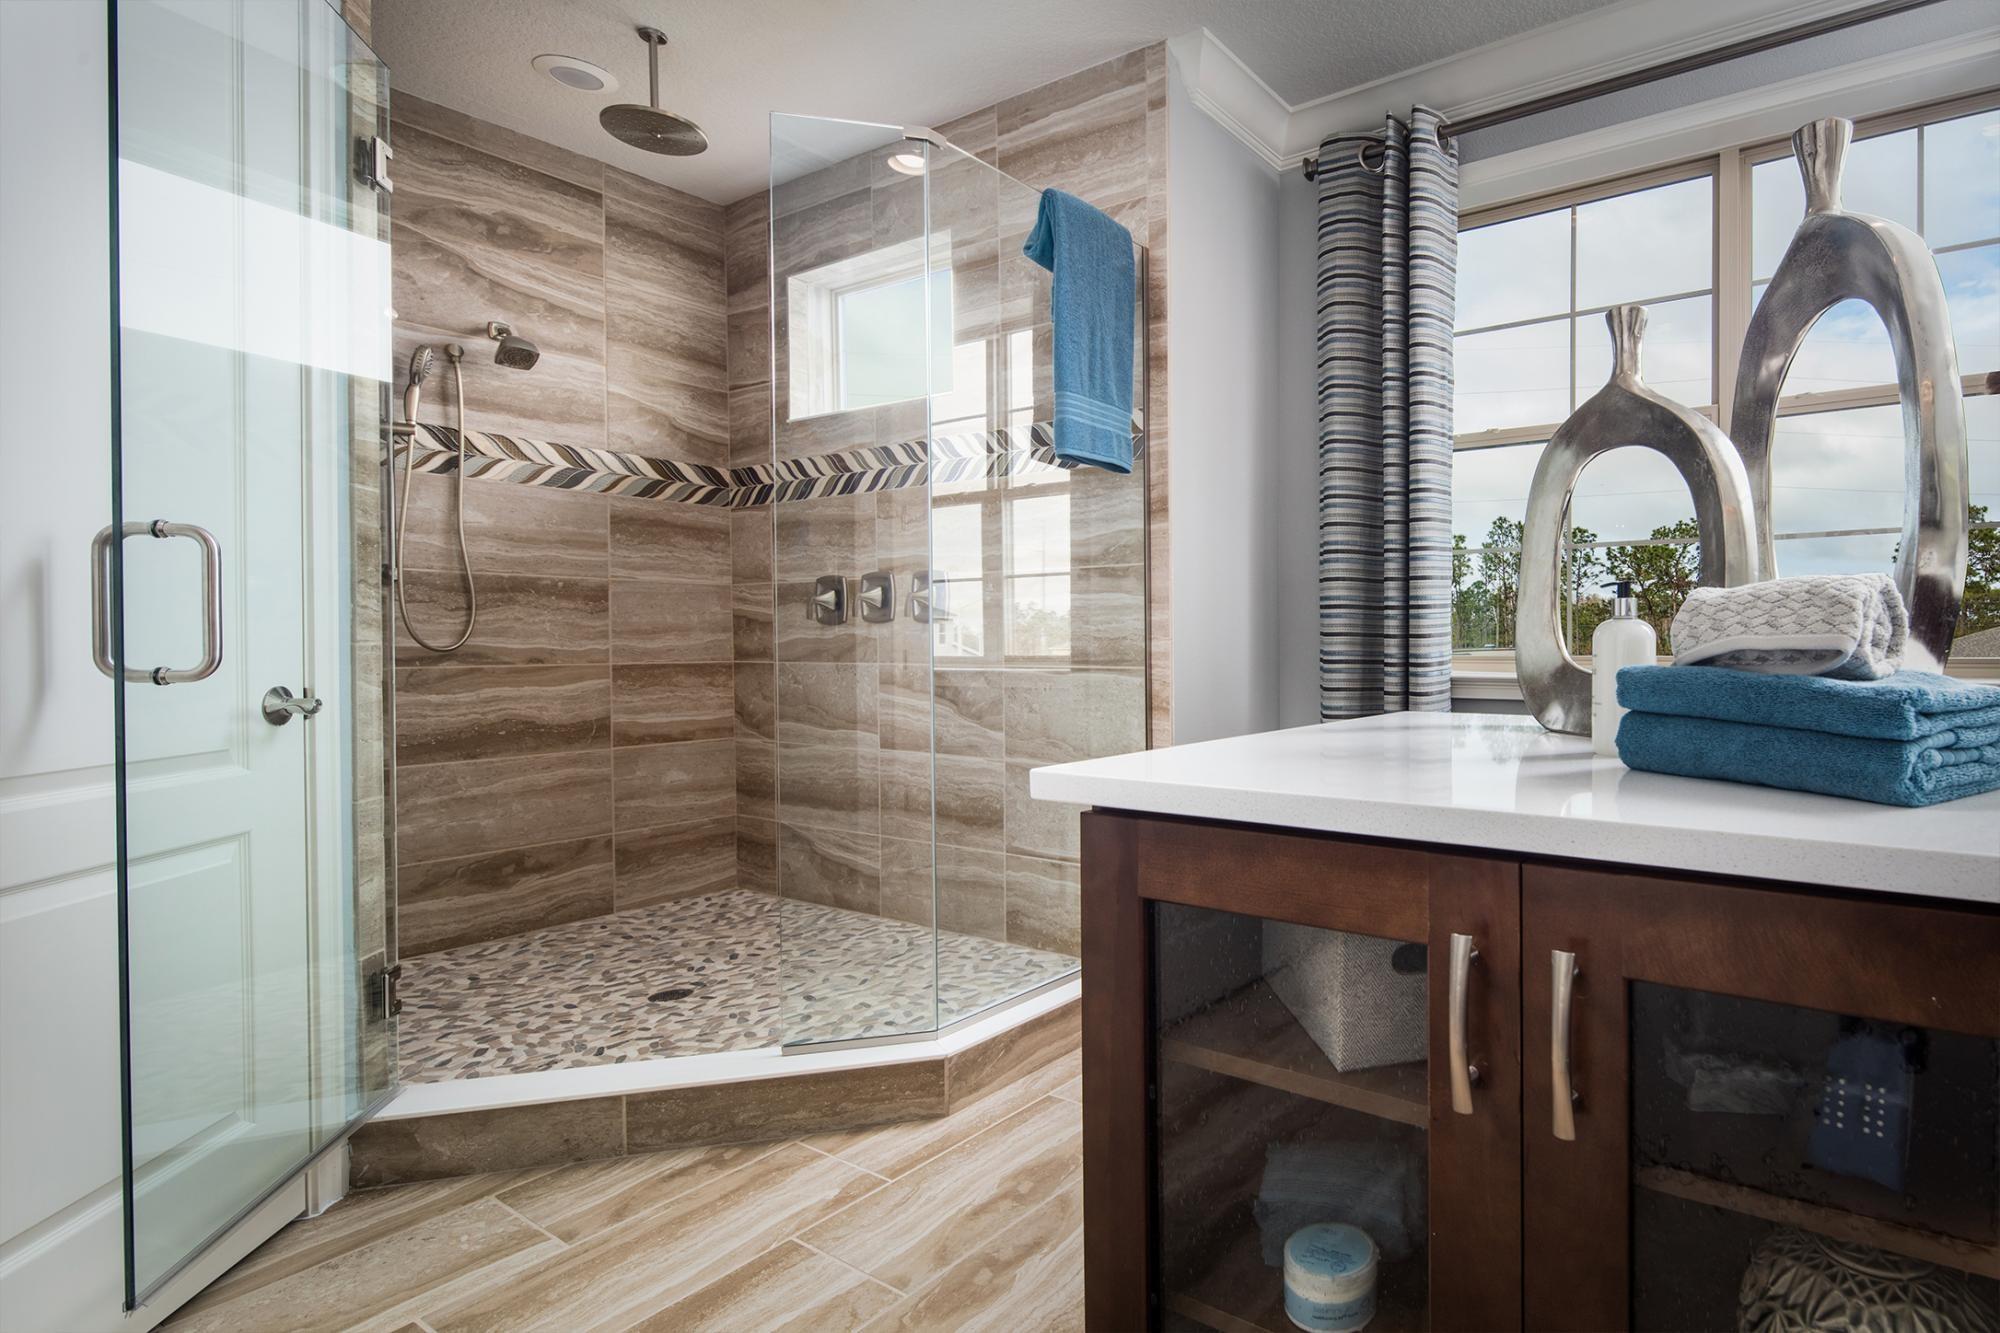 462192723061889_pinehurst-master-bath.jpg